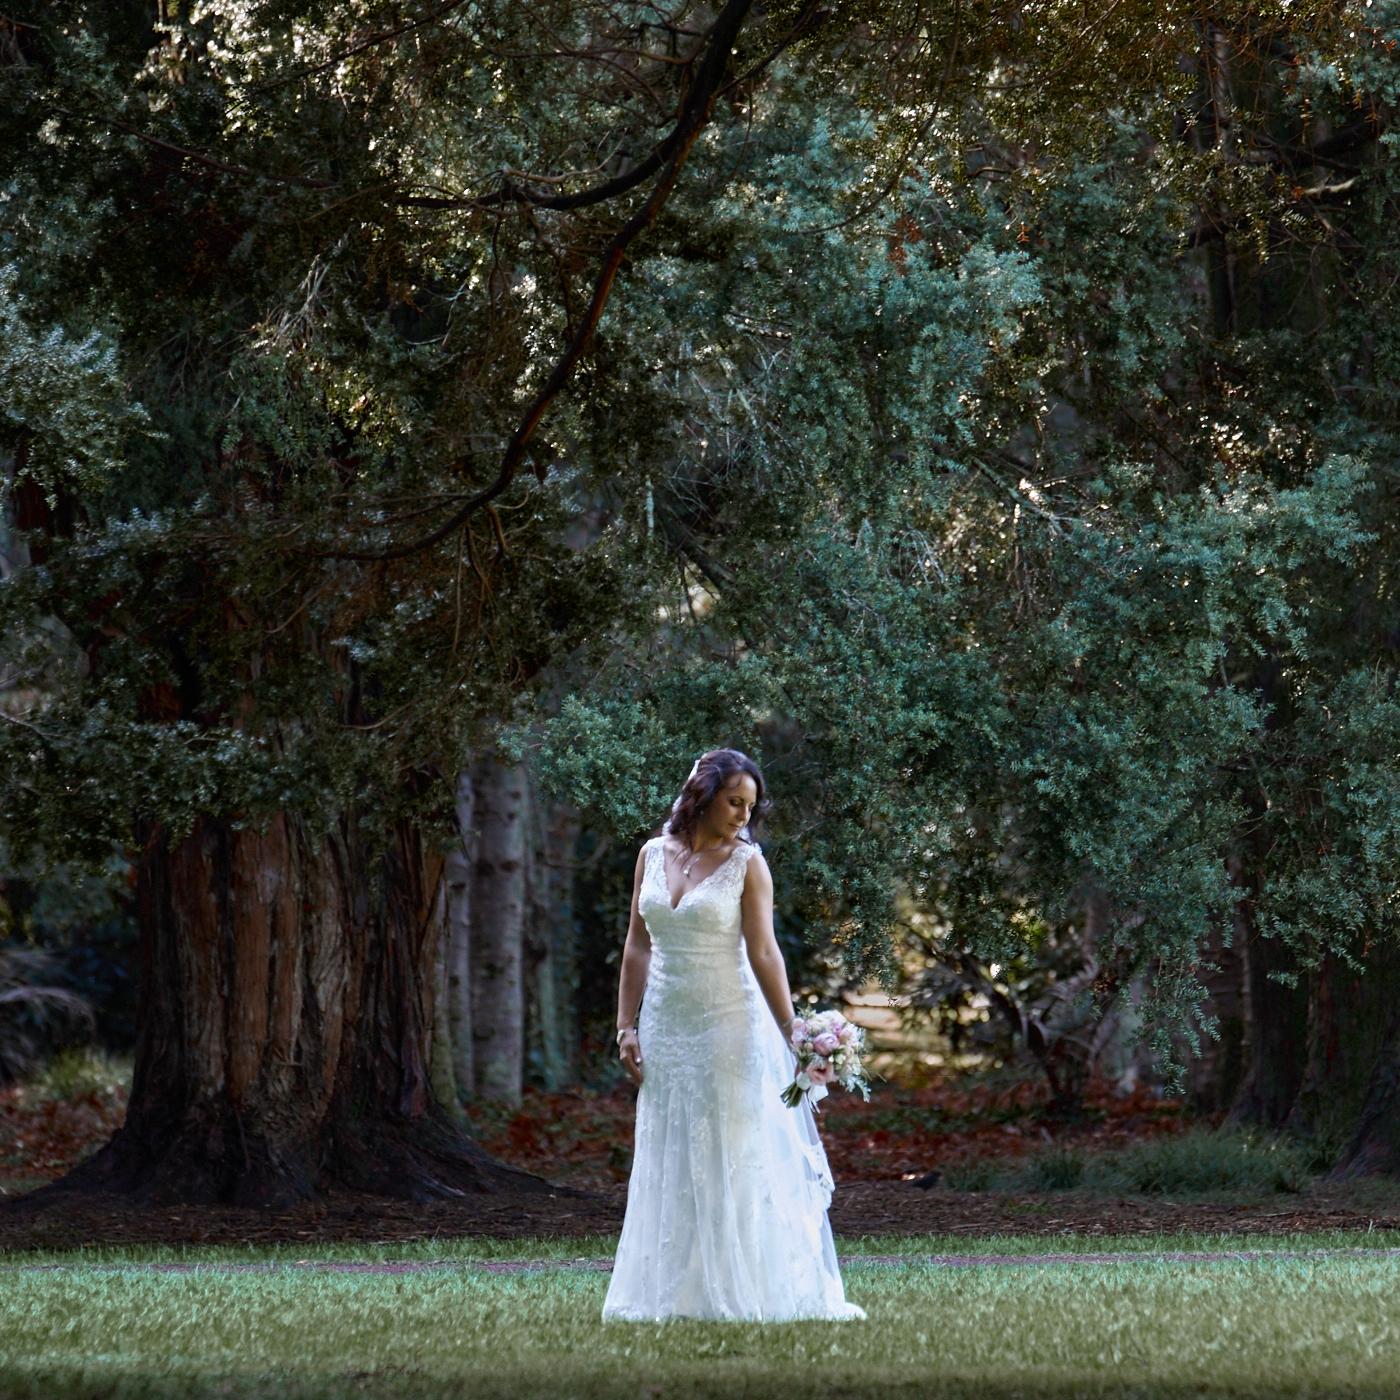 The bride posing